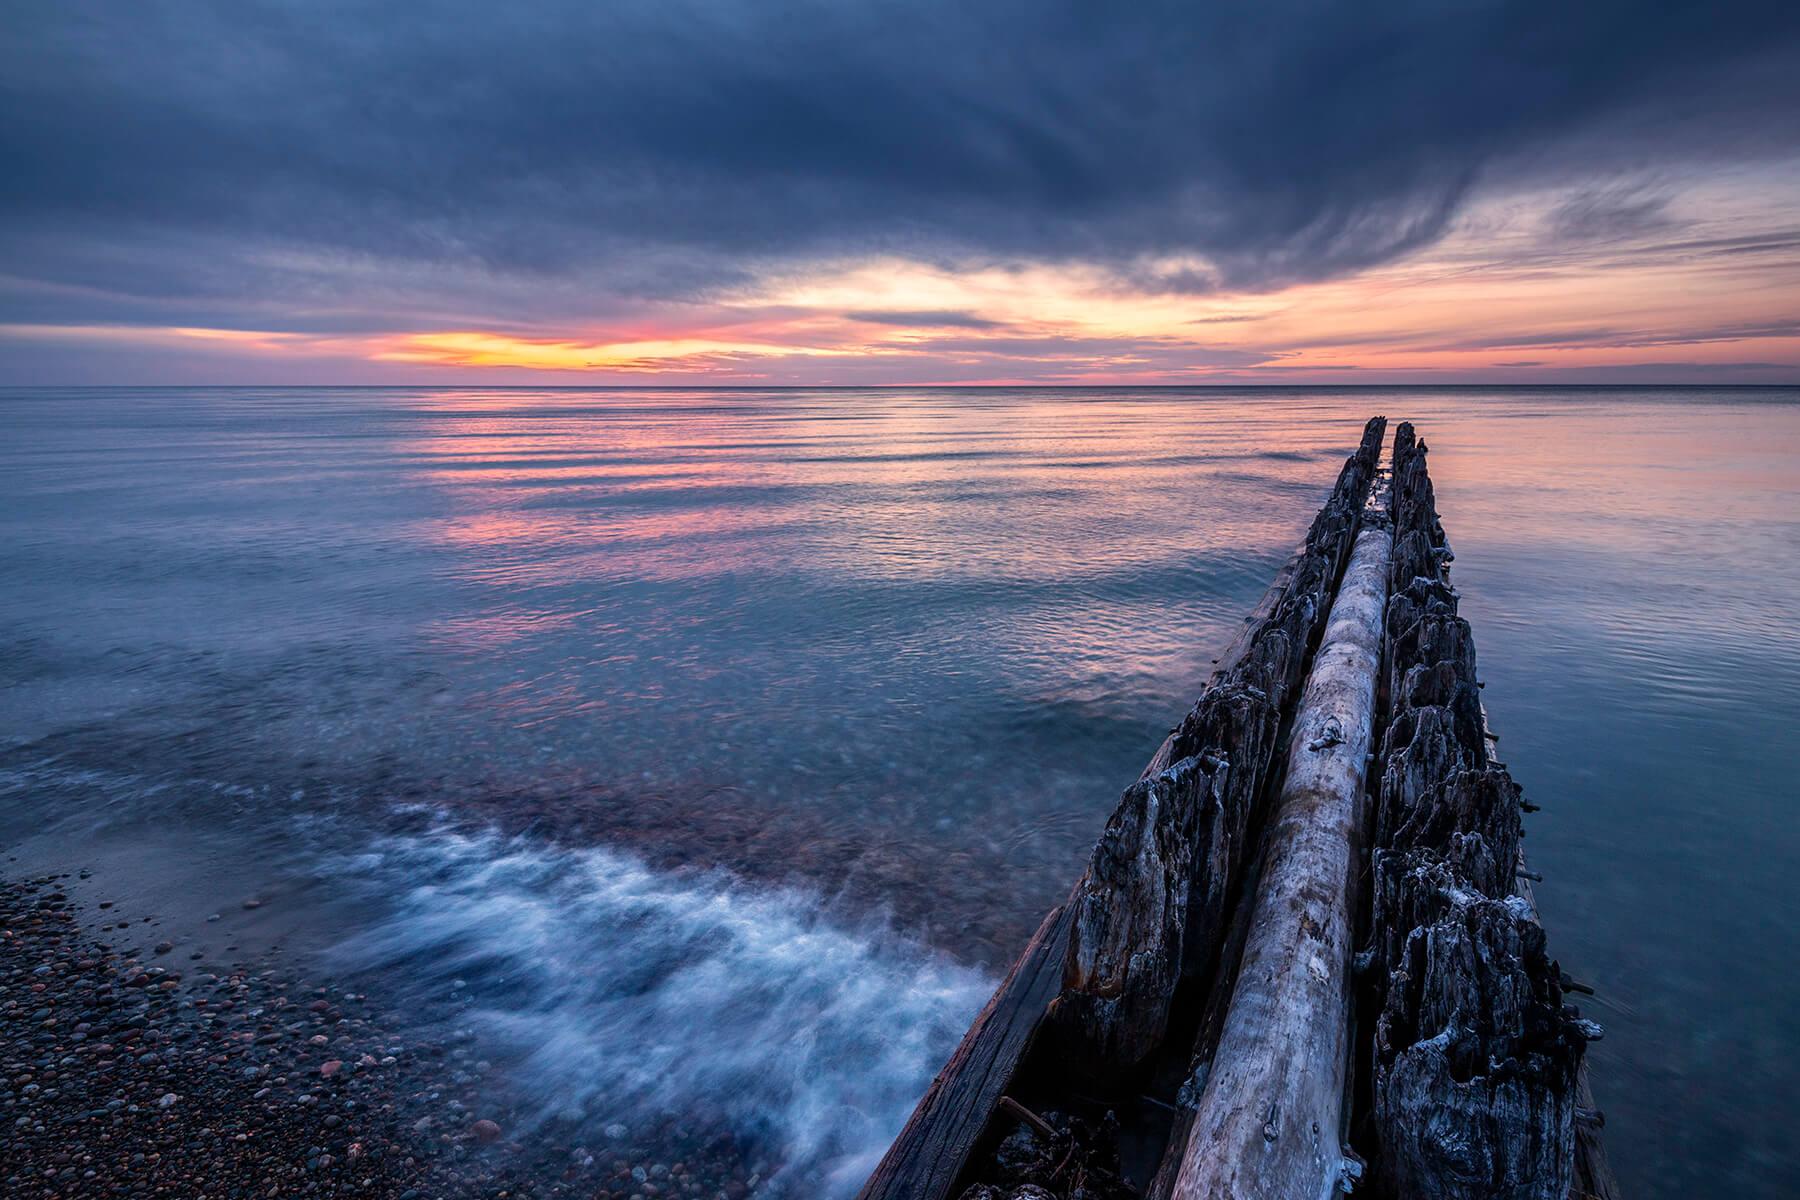 Фокусное расстояние: 15 ммЭкспозиция: F/110,6 с© Ян Плант